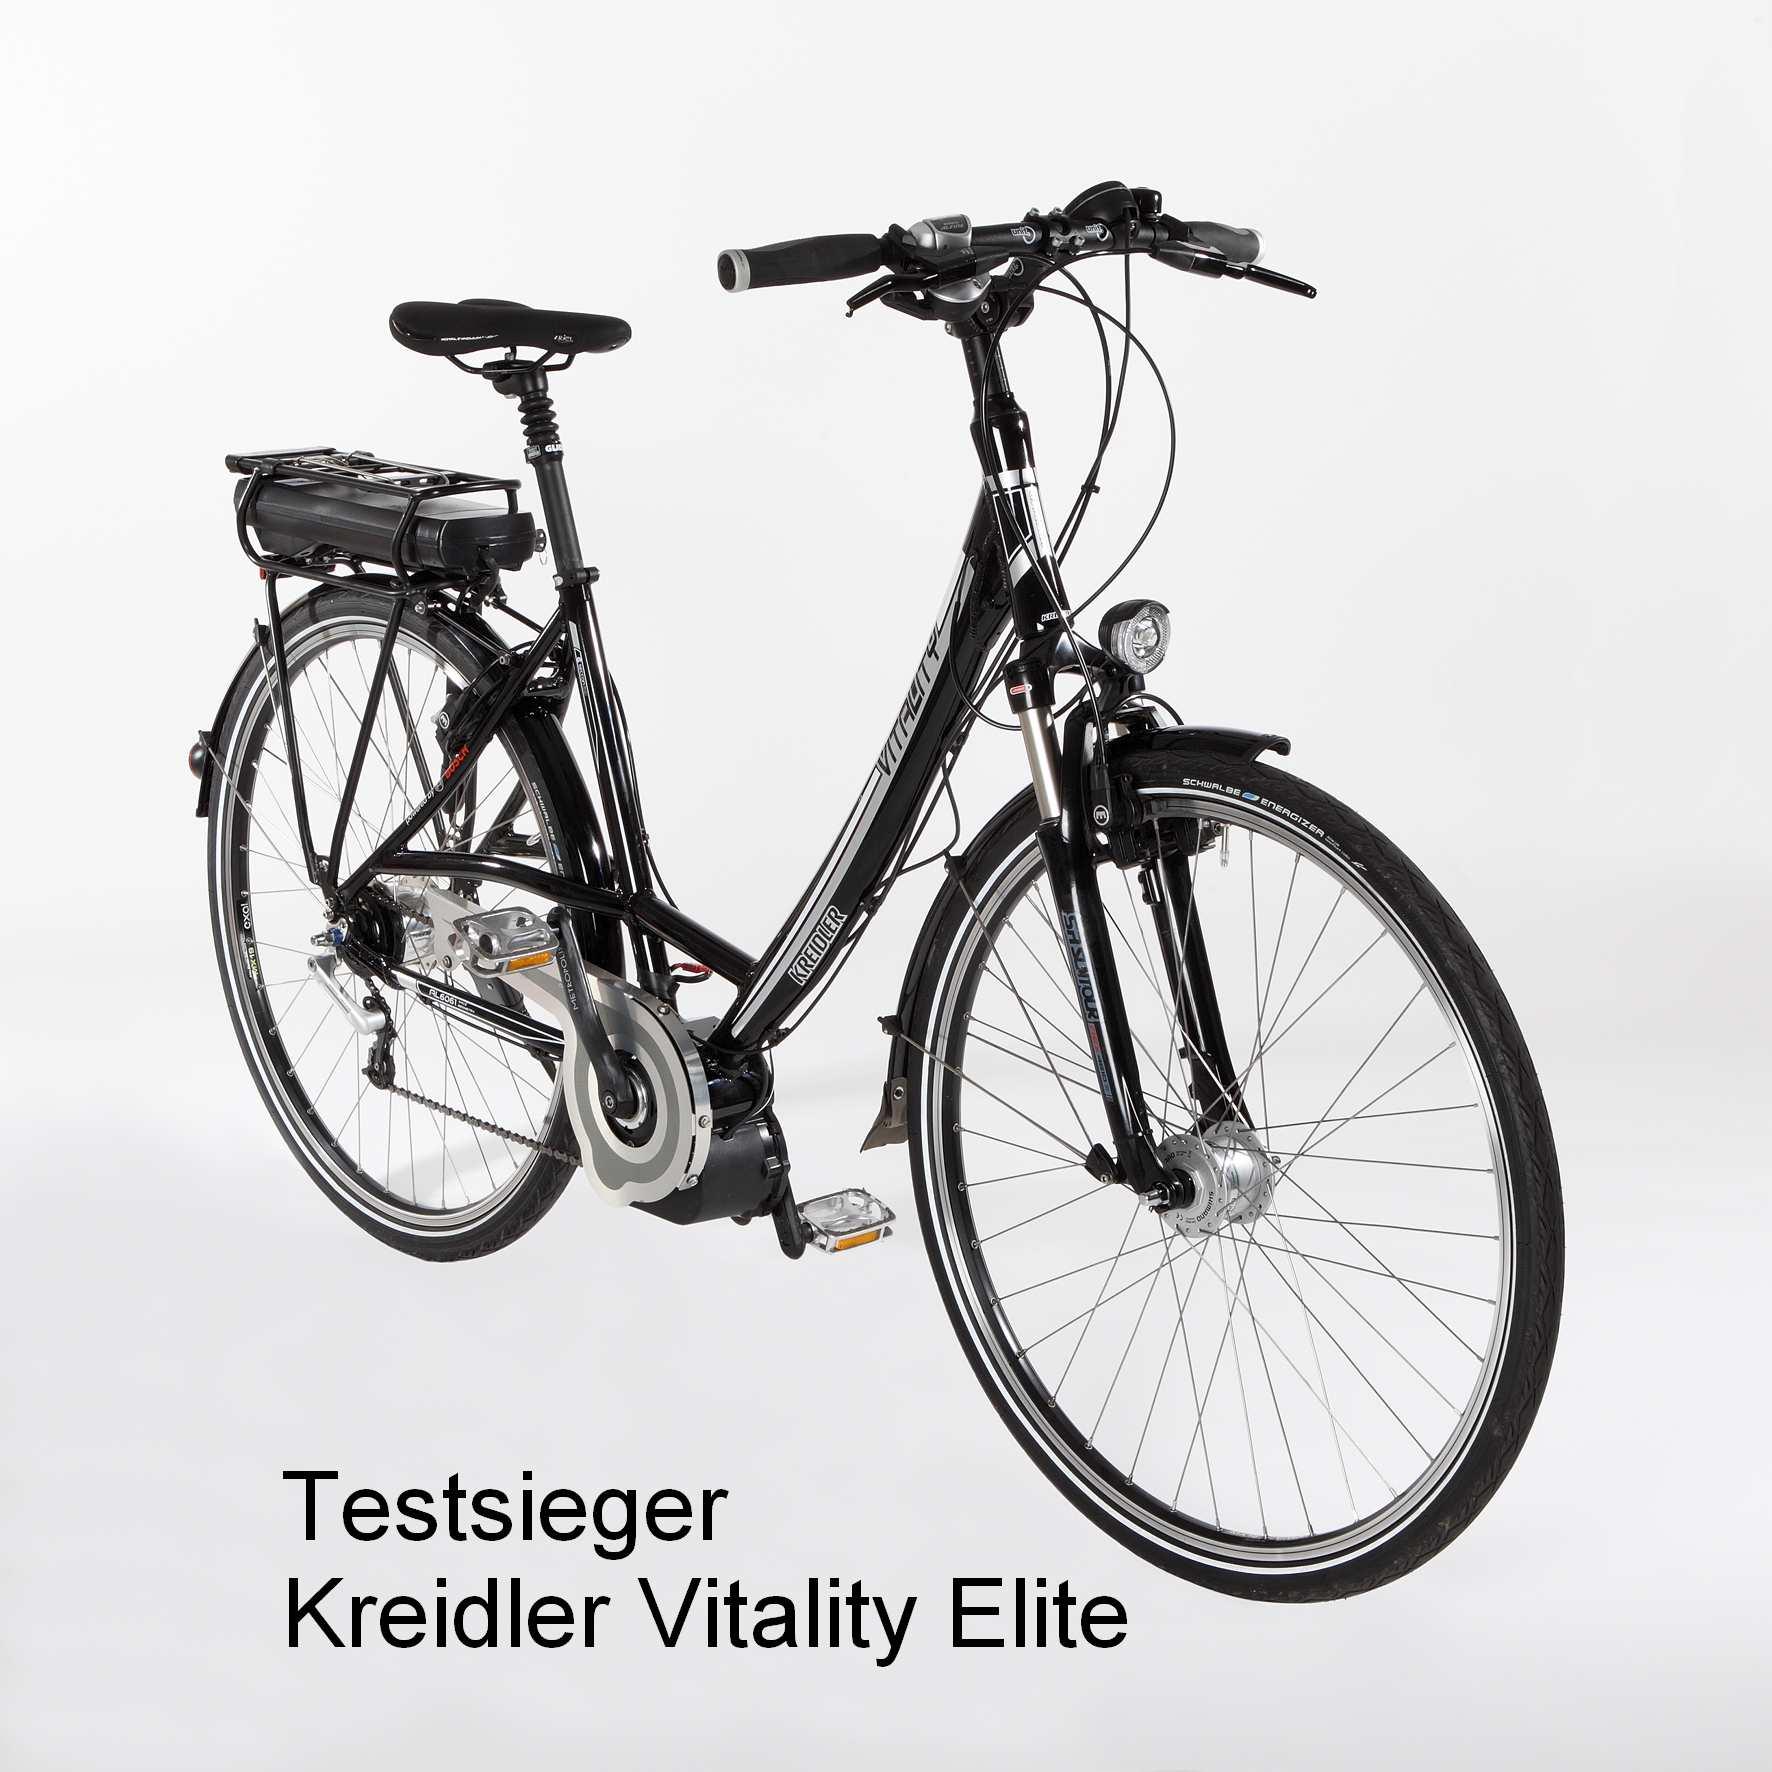 Testsieger Kreidler Vitality Elite